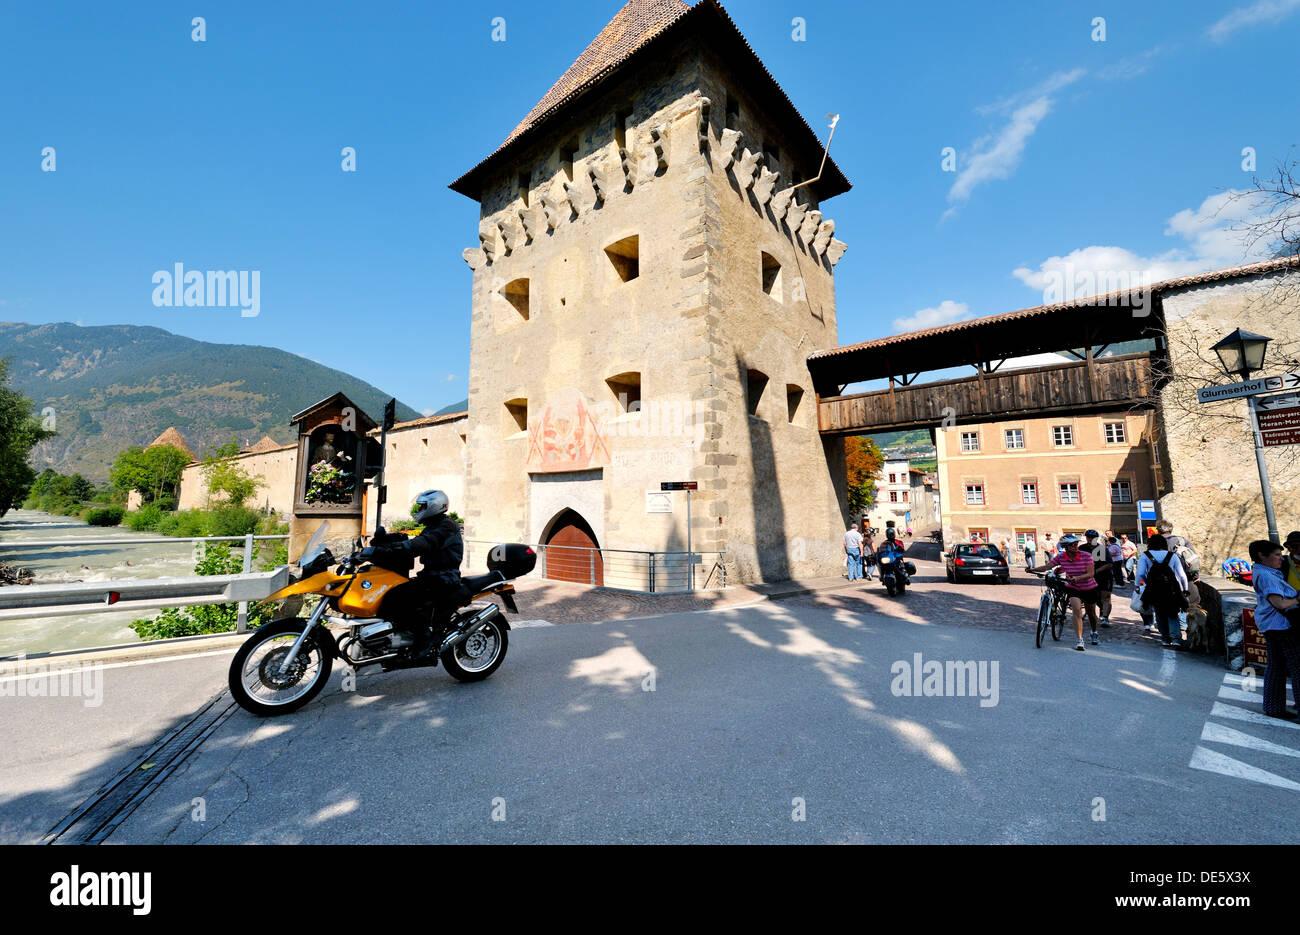 Das südliche Tor in der mittelalterlichen Mauern umgebene Stadt der Stadt Glurns in Val Venosta, Italienische Stockbild